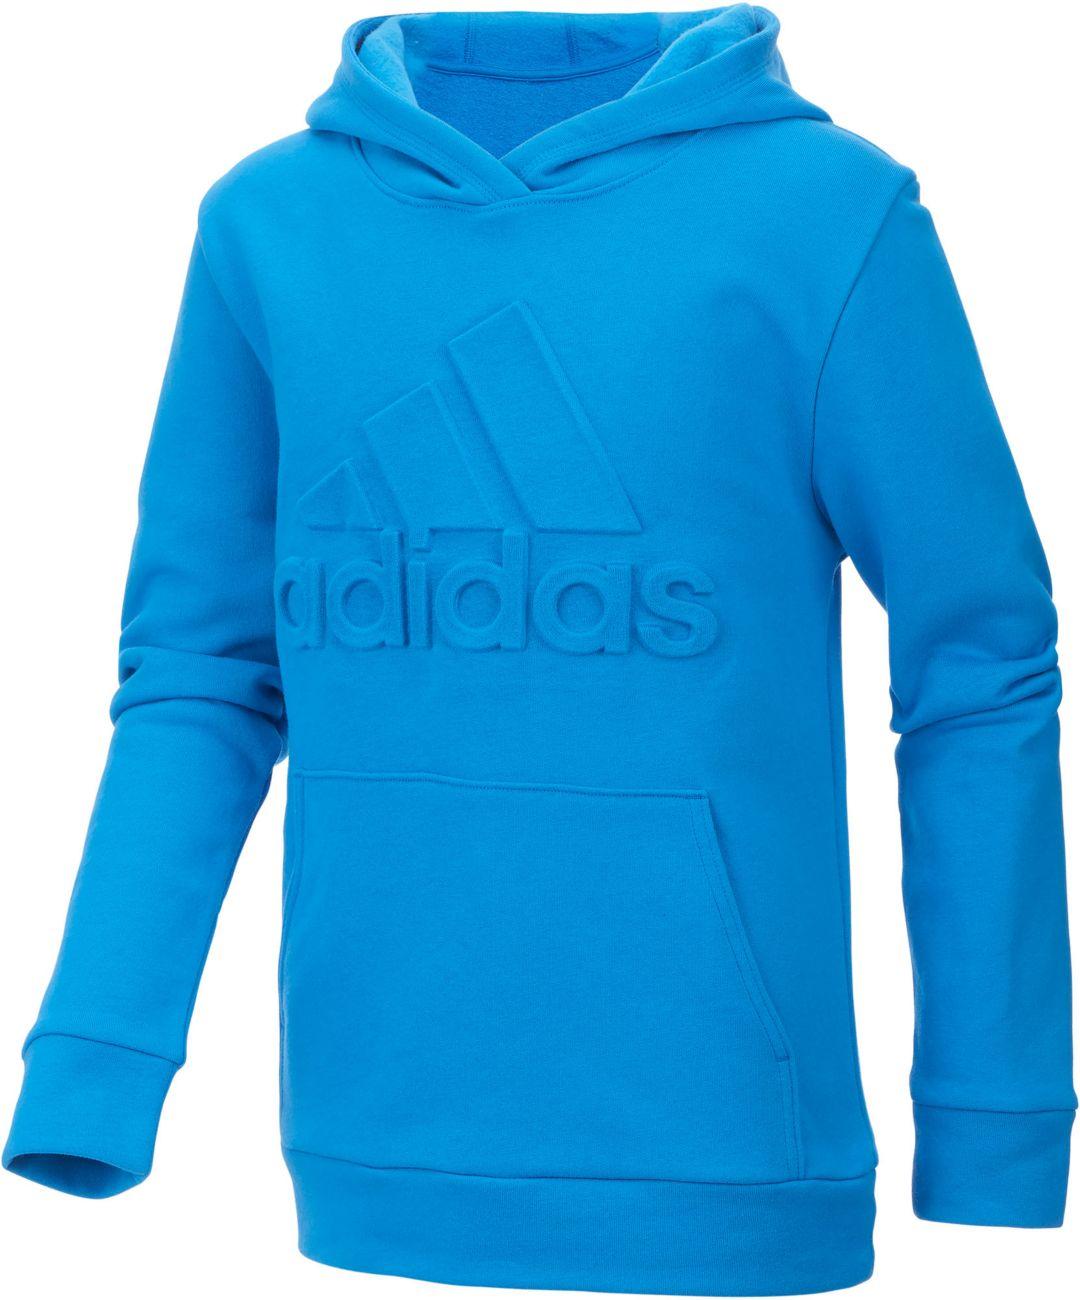 8cc2a5b7891b adidas Boys' Exclusive Embossed Logo Hoodie